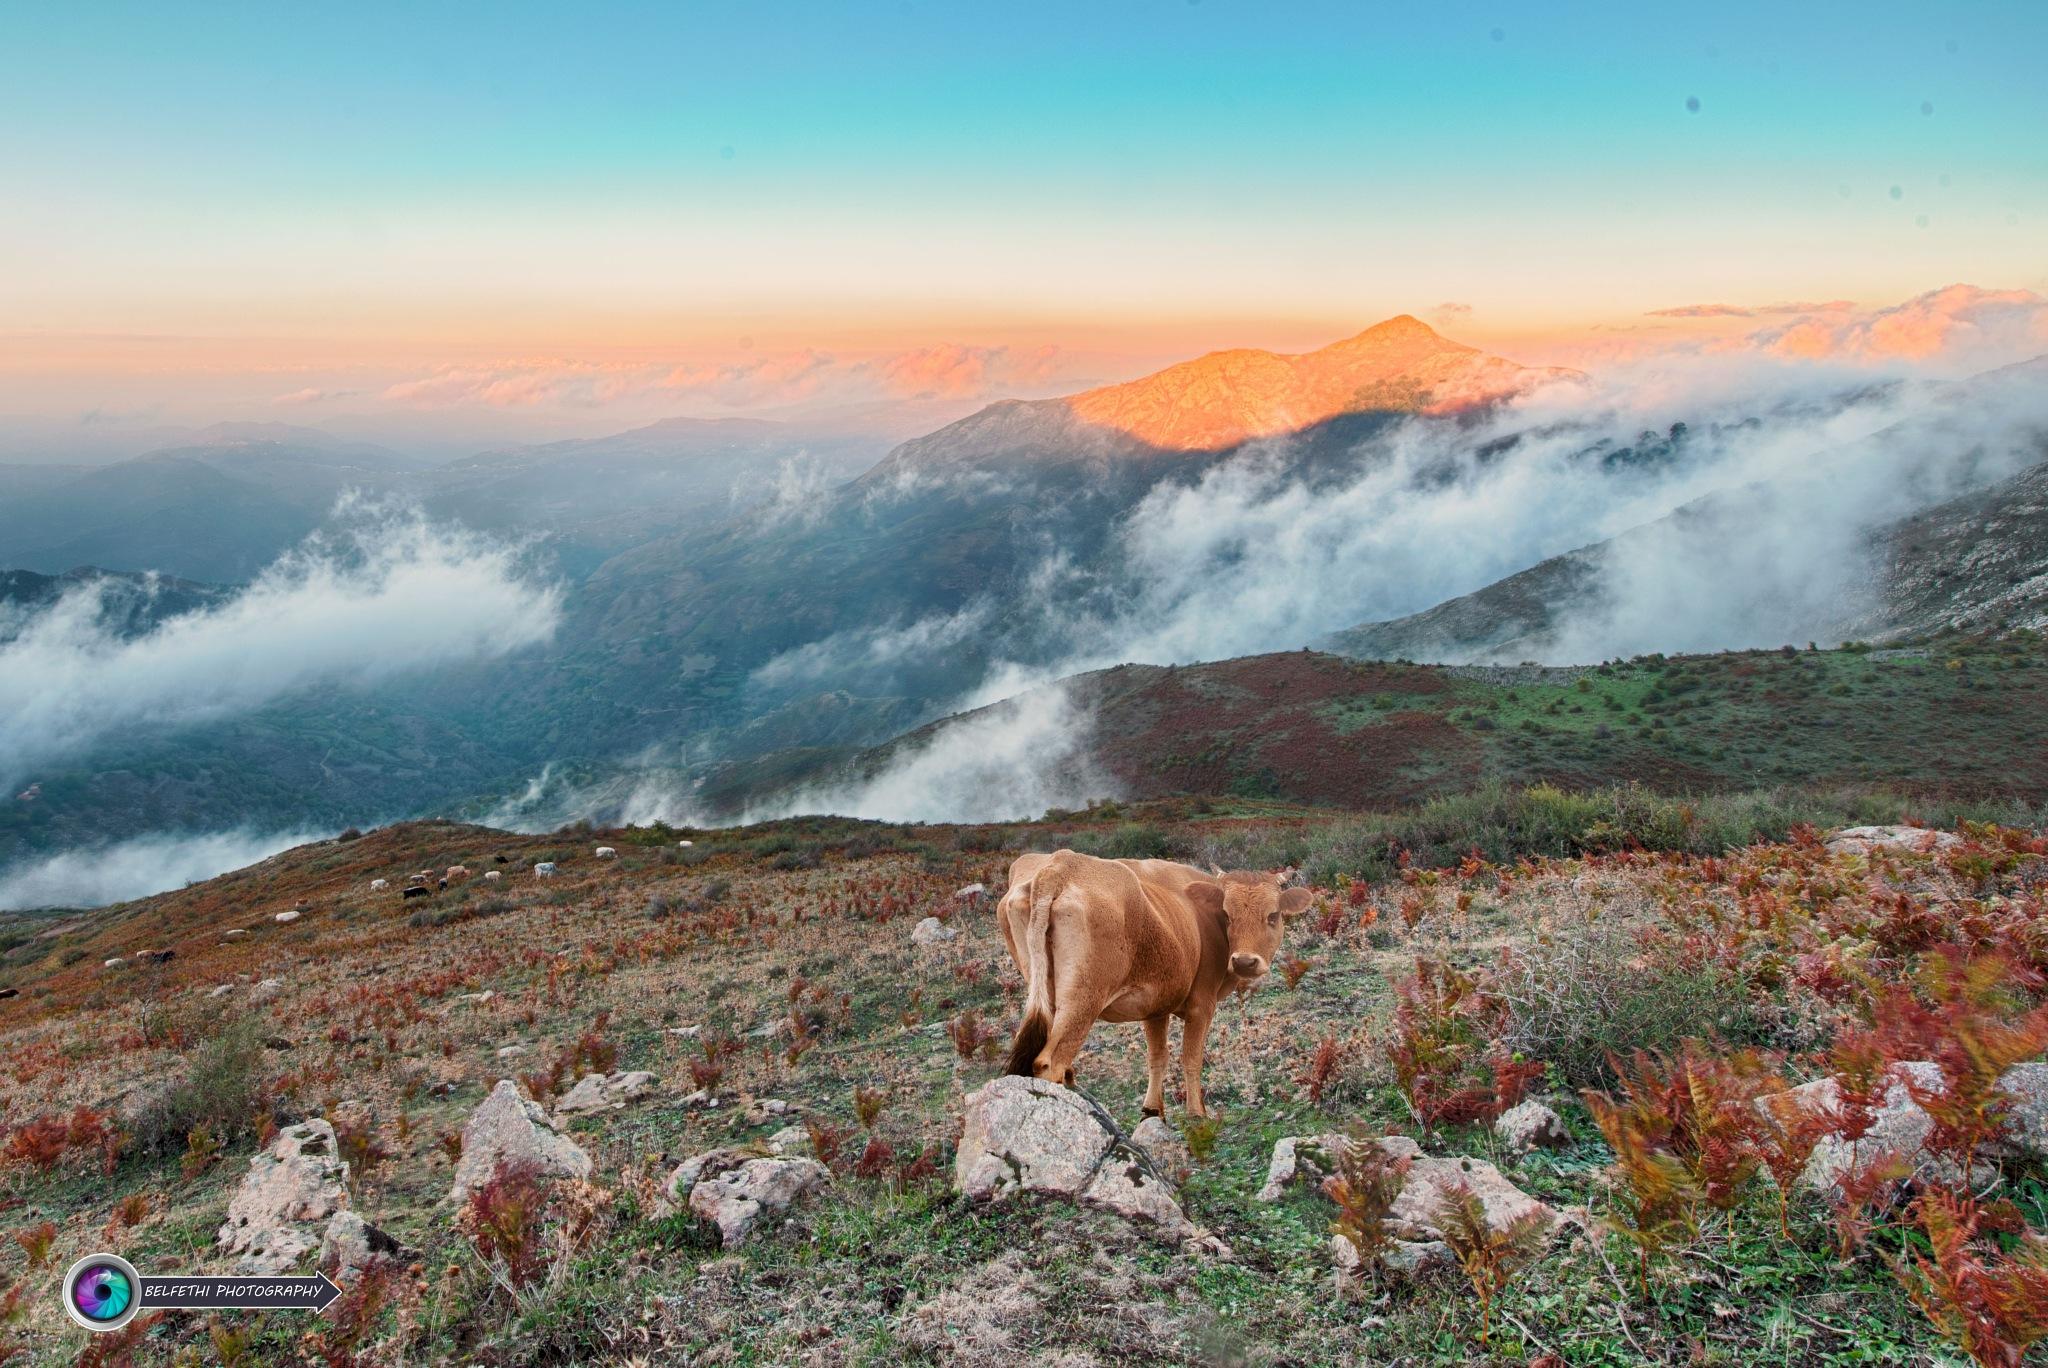 Landscape by Noureddine Belfethi